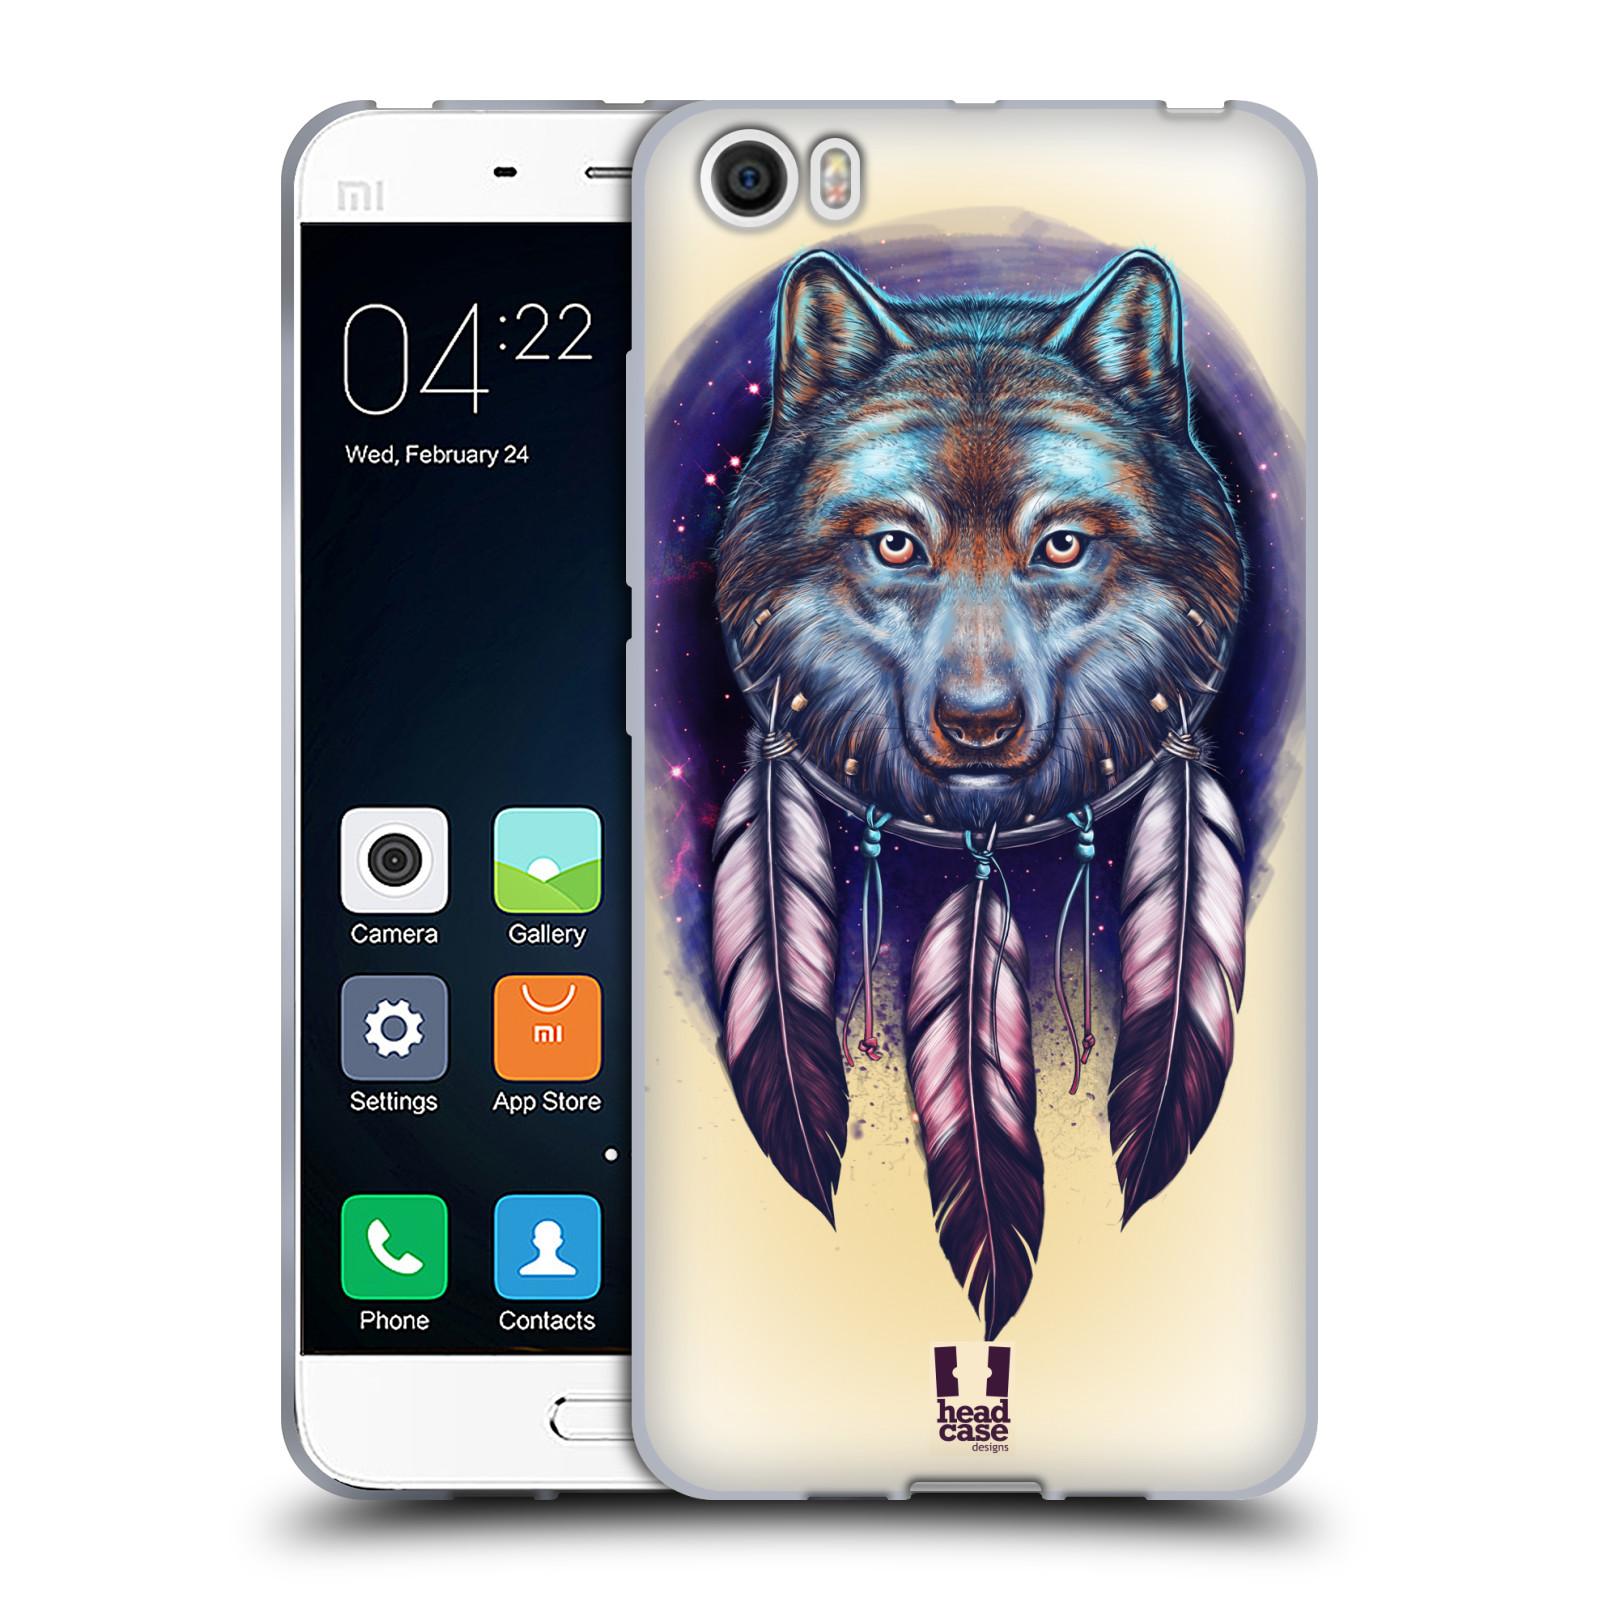 HEAD-CASE-DESIGNS-DREAMCATCHER-ANIMALS-SOFT-GEL-CASE-FOR-XIAOMI-PHONES